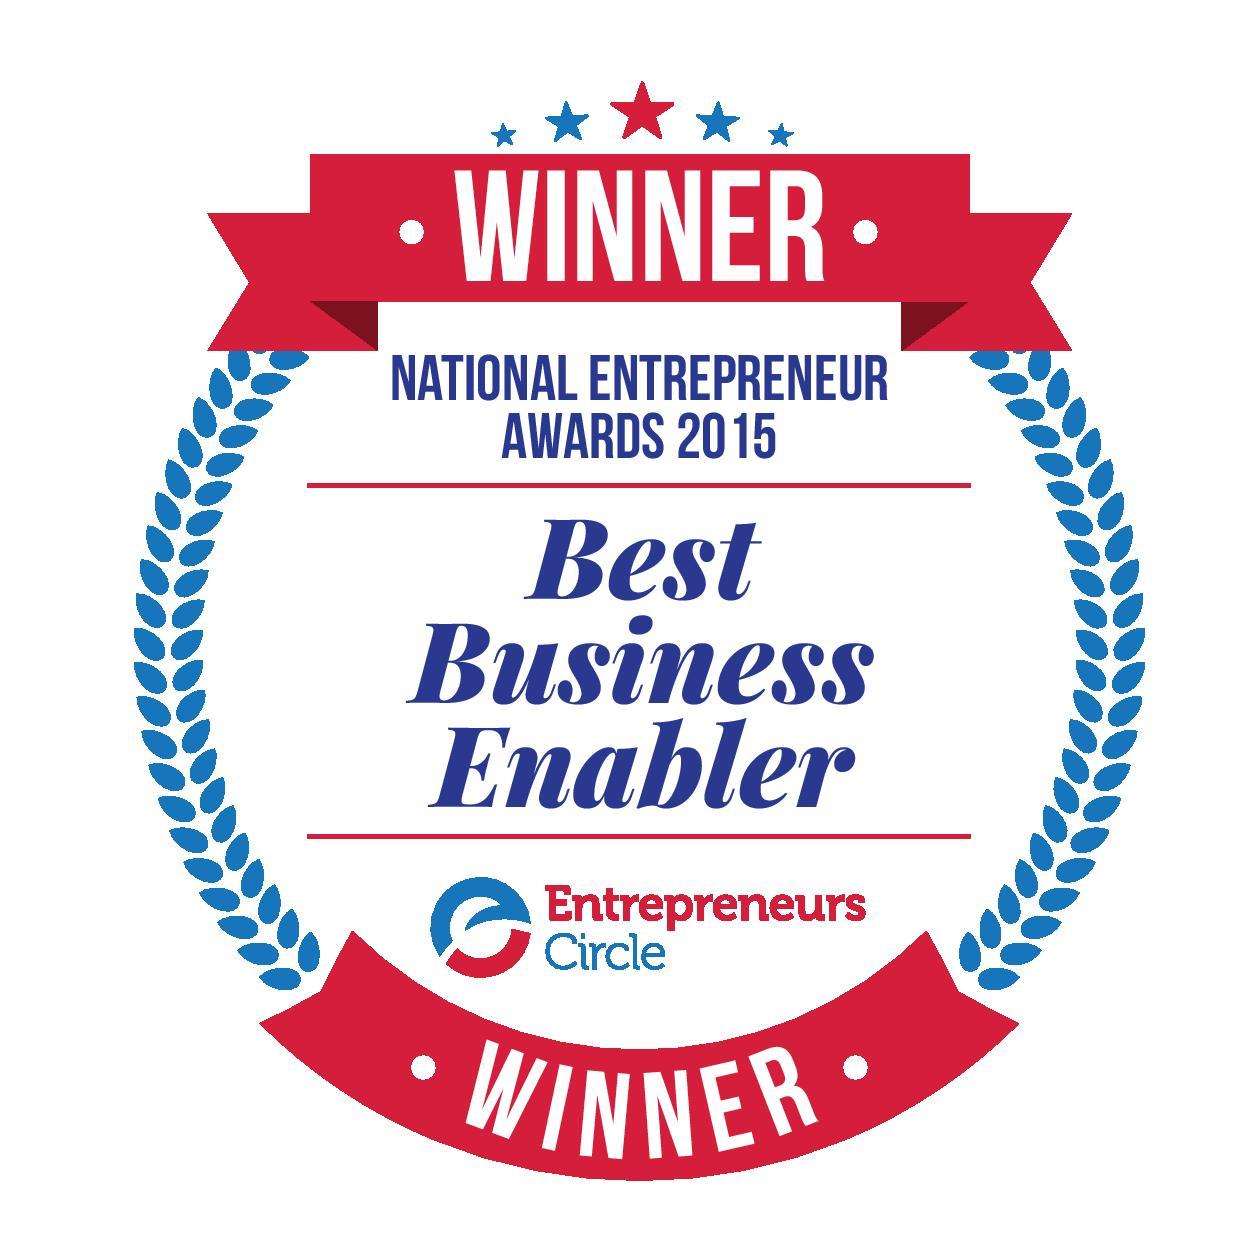 A baby, a thousand entrepreneurs and an Award